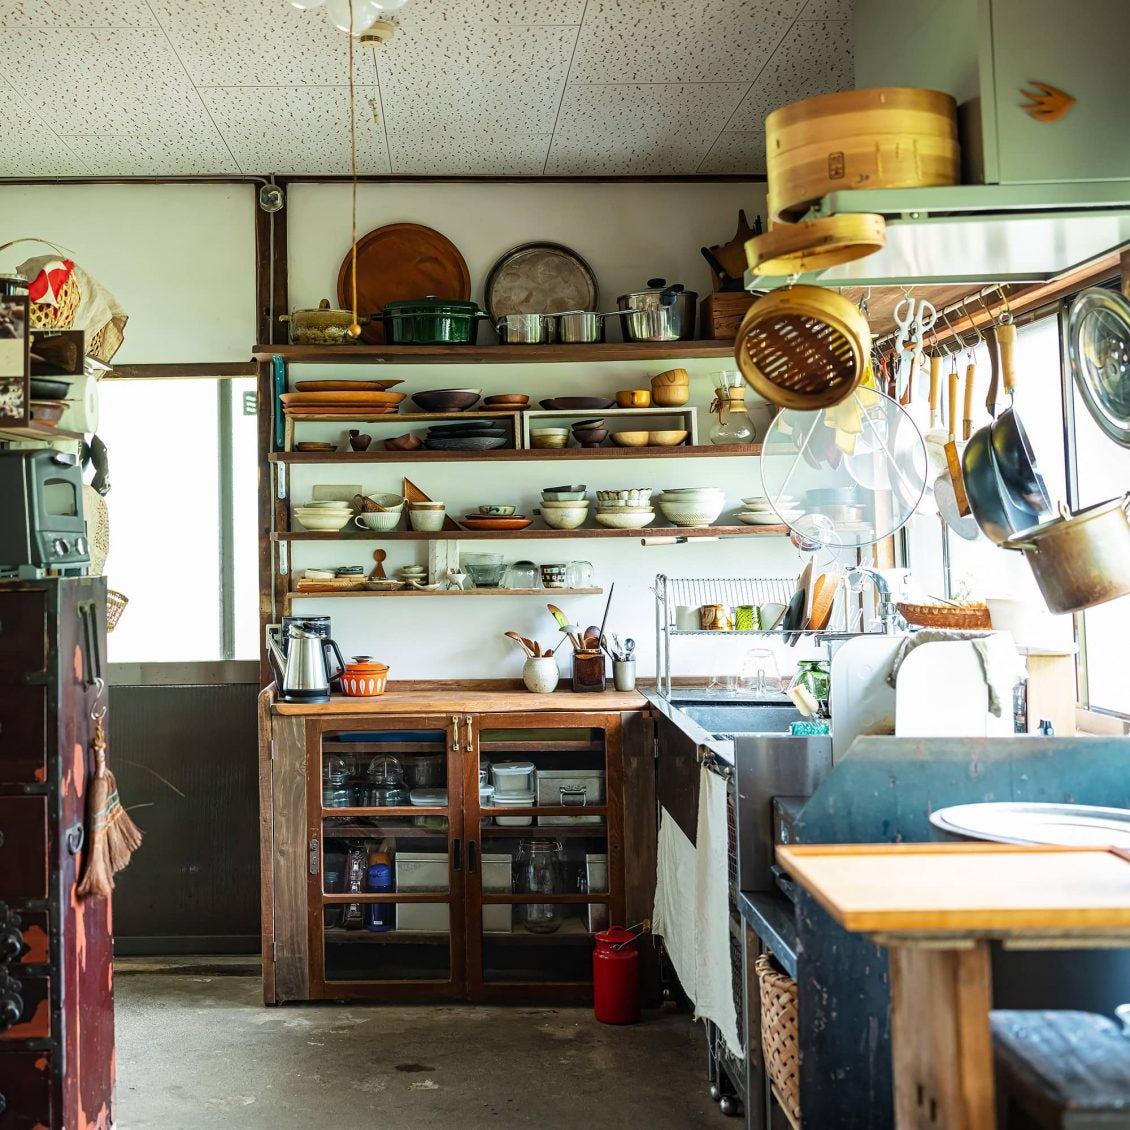 【訪ねたい部屋】第1話:可能性を秘めた「古い家」。自分たちらしく暮らす一家を訪ねました